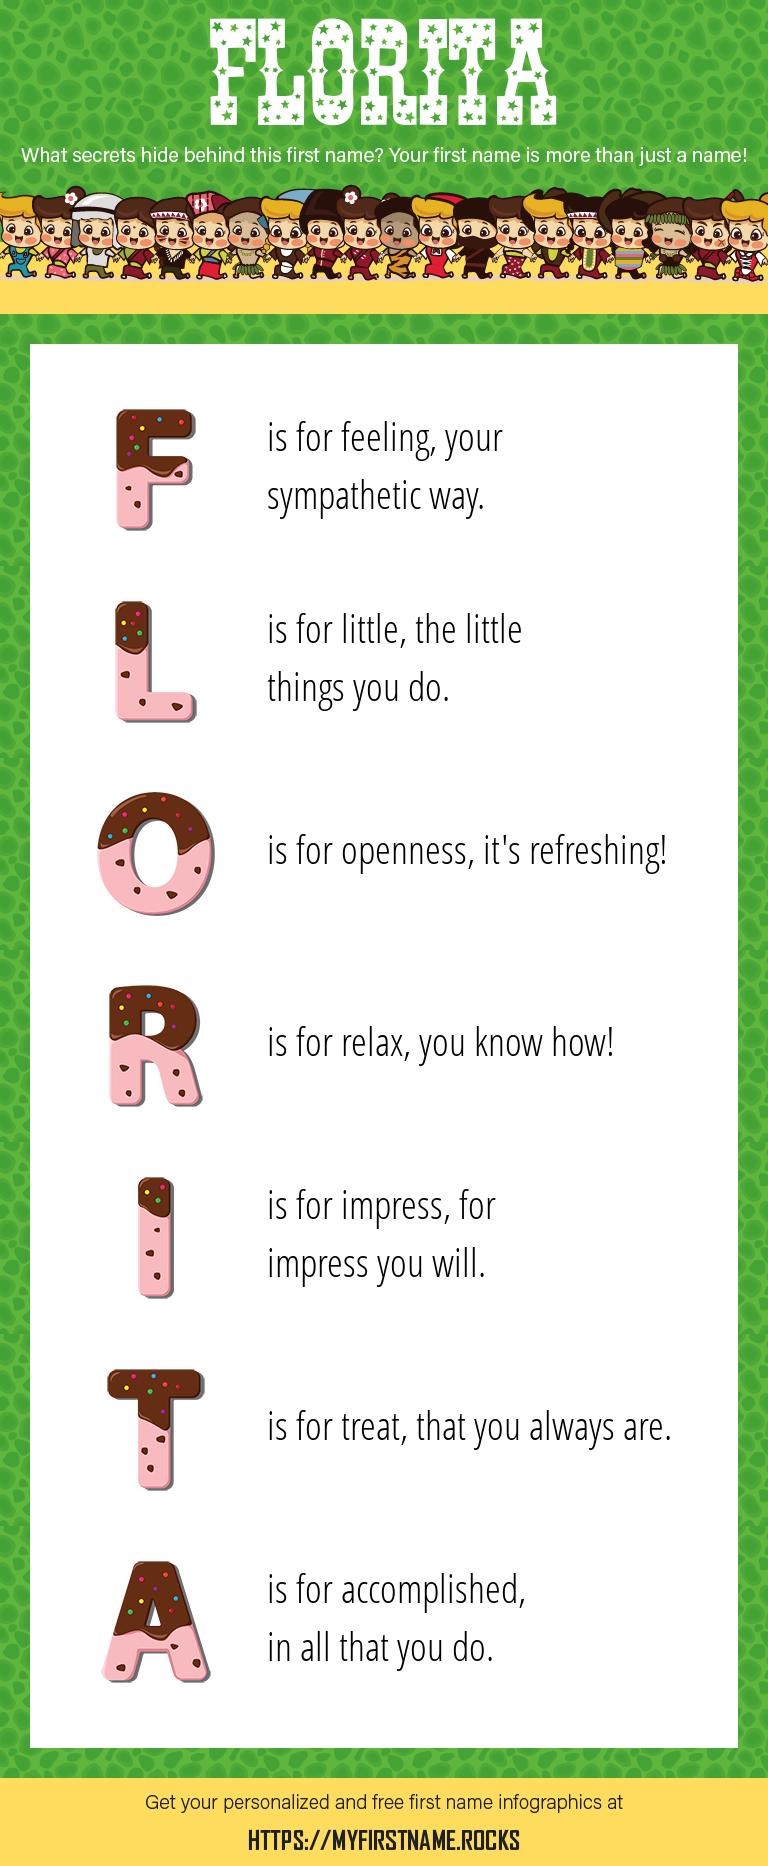 Florita Infographics